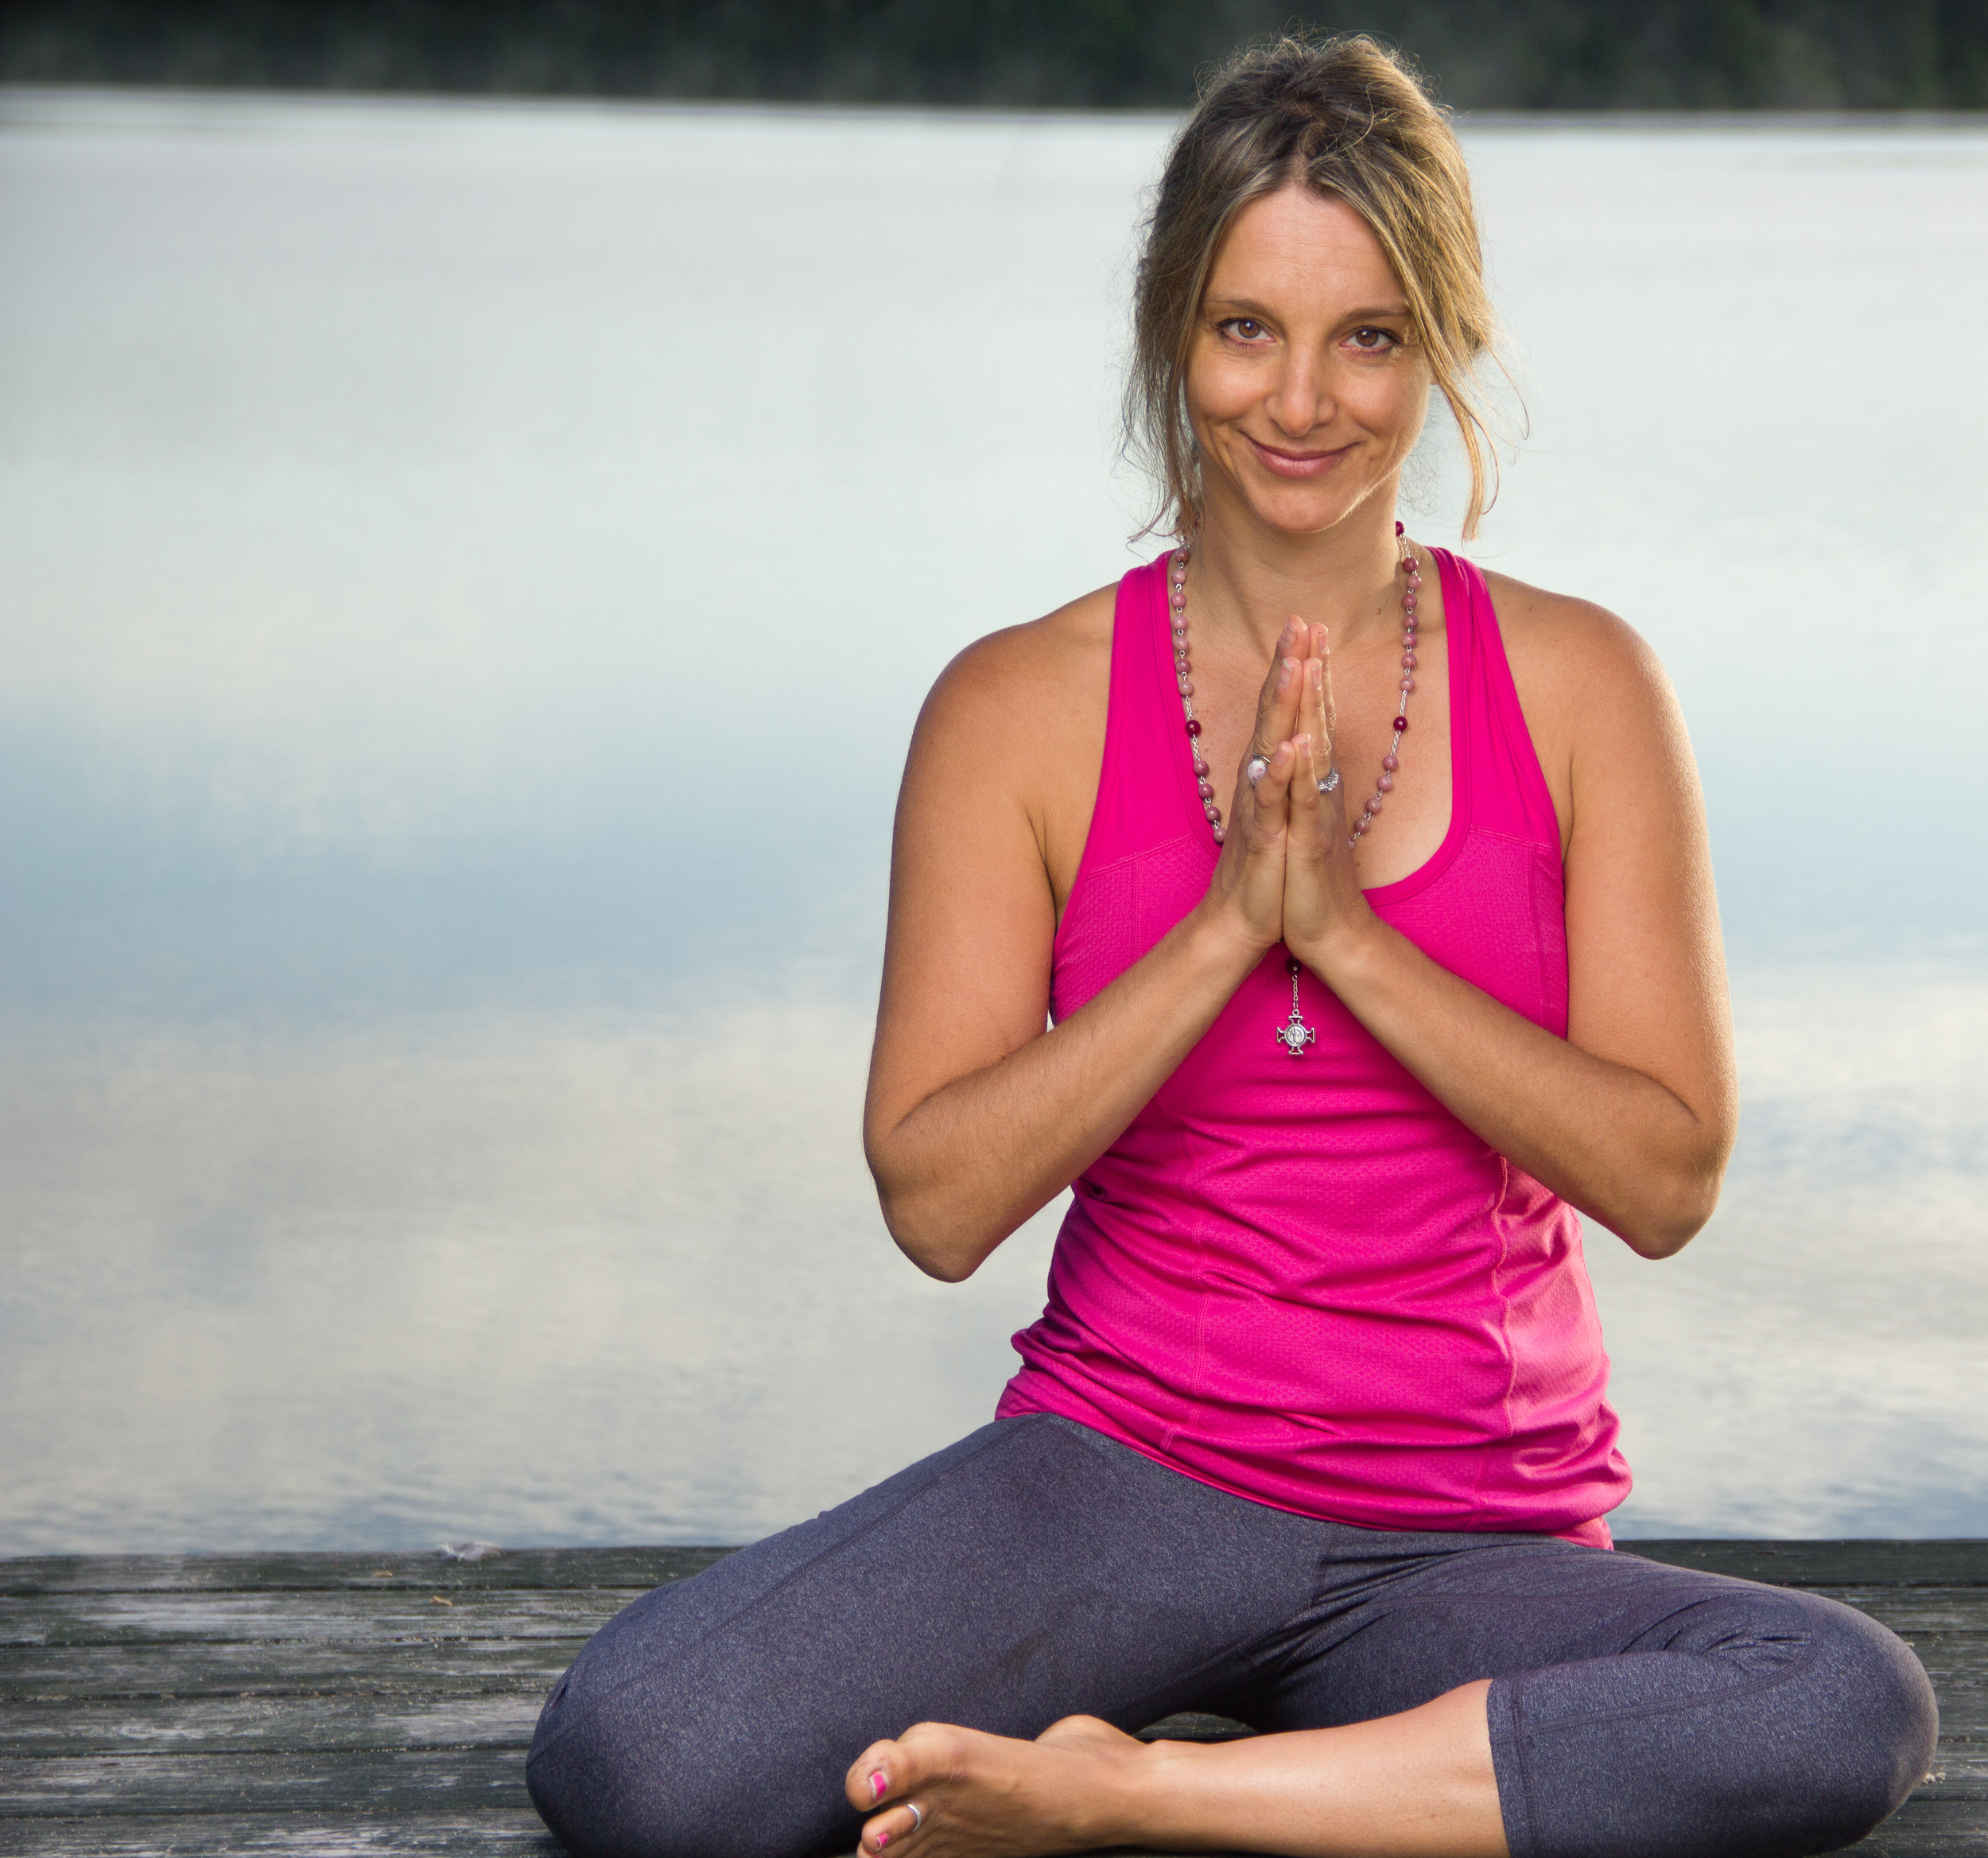 Sheri Yoga Morning Shoot-2.jpg